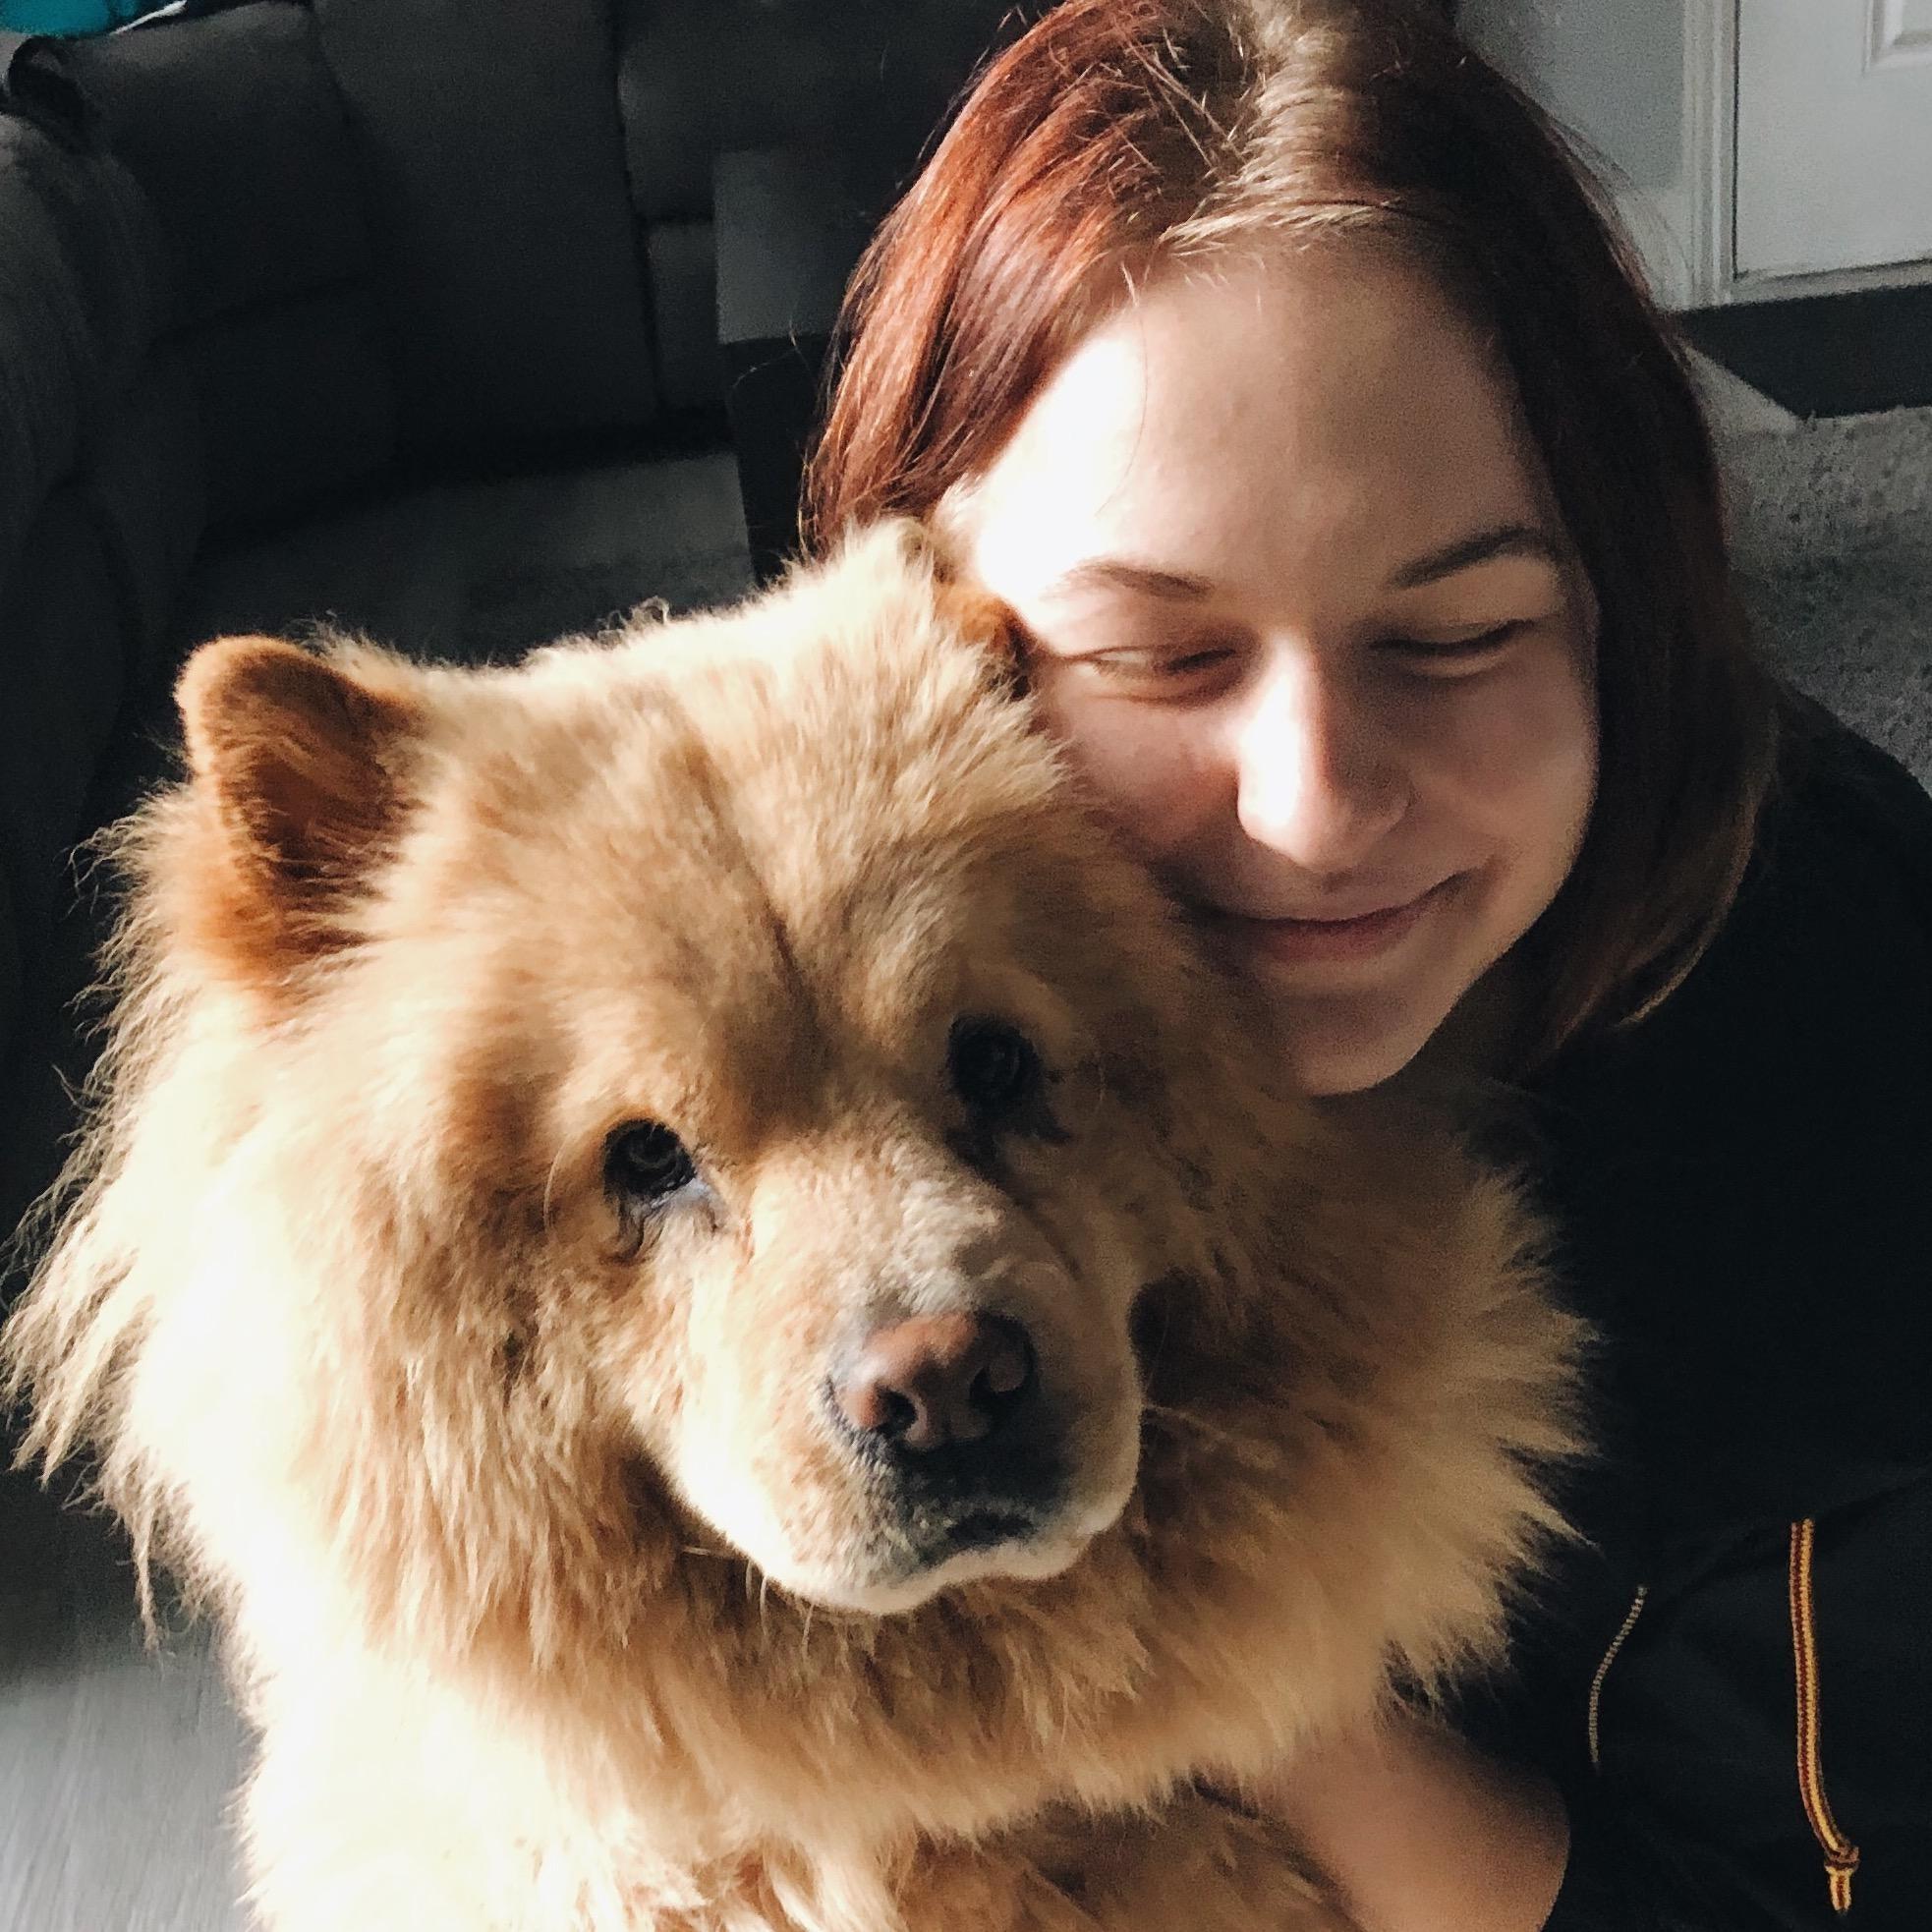 Indziyana's dog day care